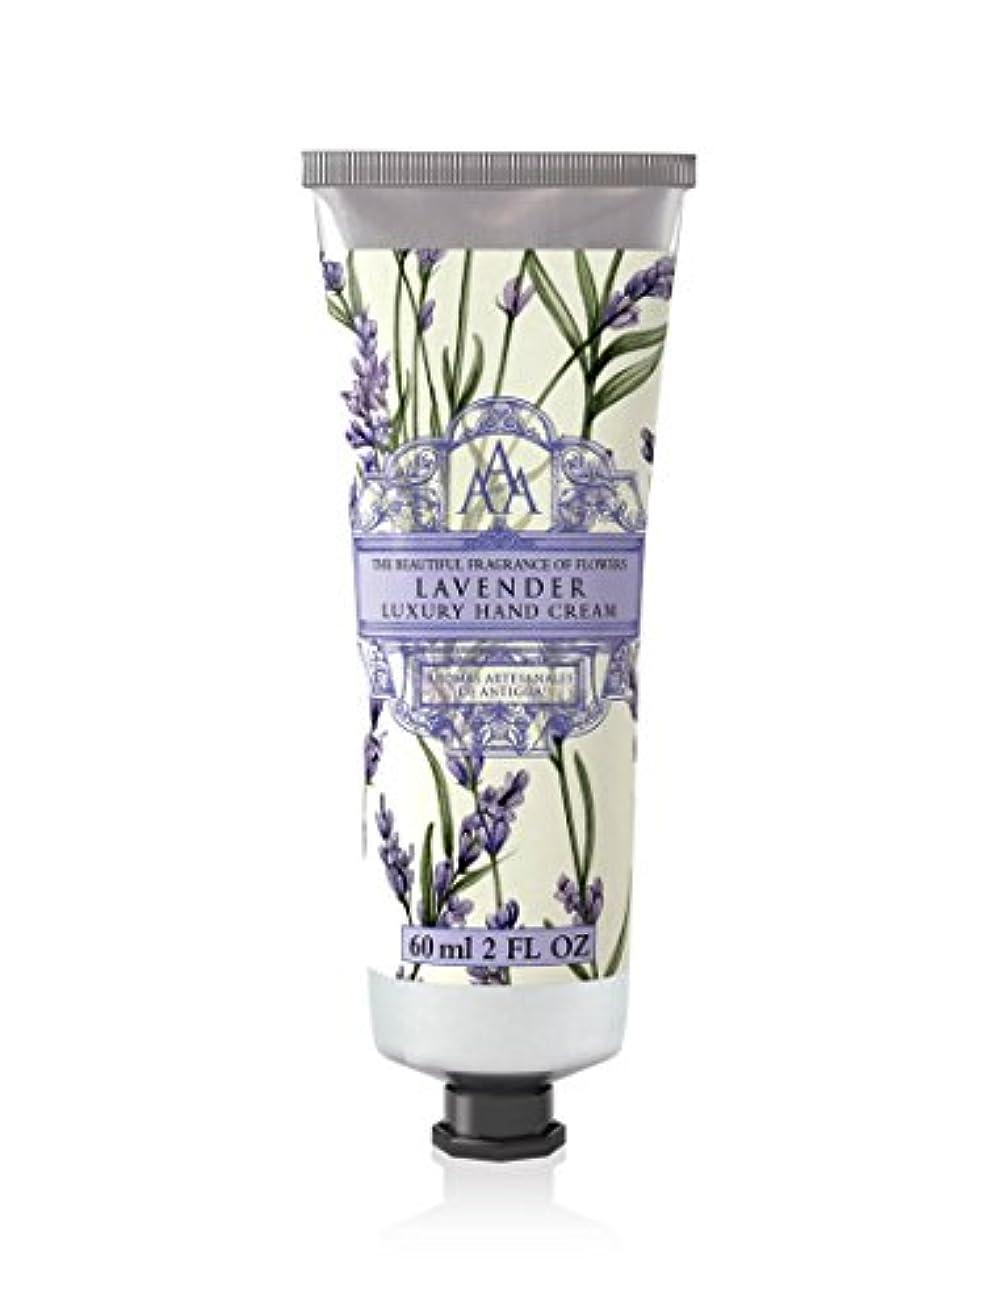 酸素淡いチロLuxuey Hand Cream クルトンヒルファーム ハンドクリーム ラベンダーの香り